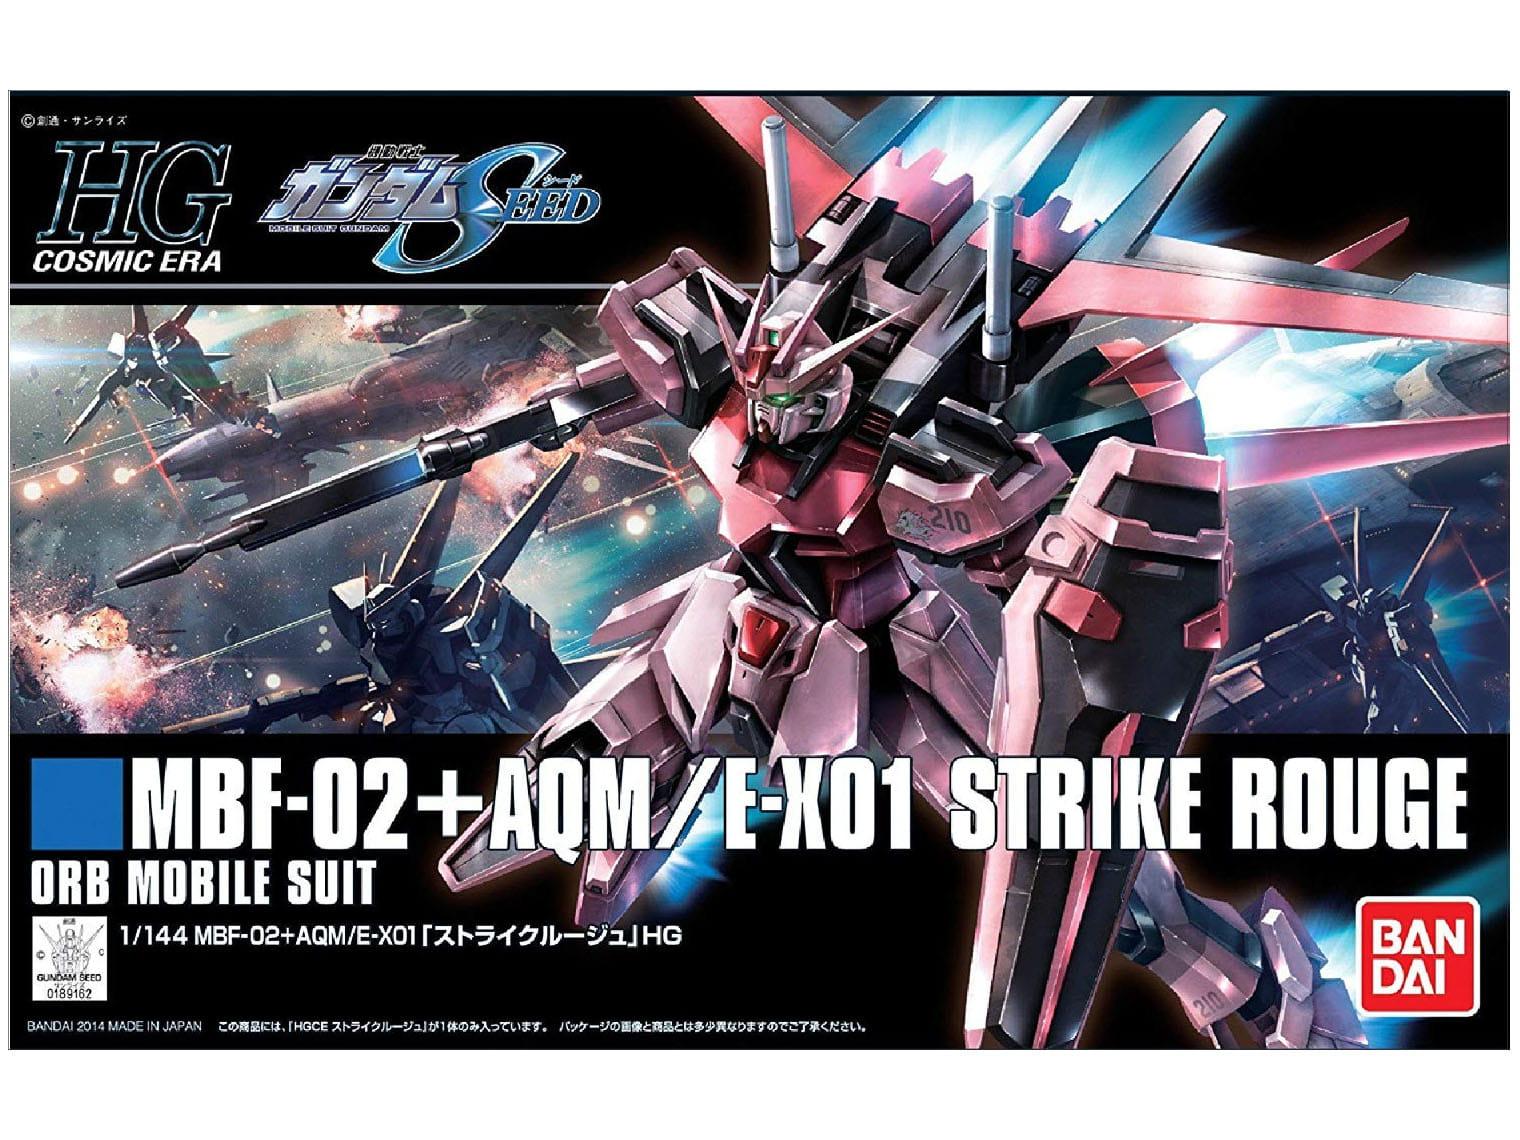 MBF-02+AQM/E-X01 Strike rouge ORG